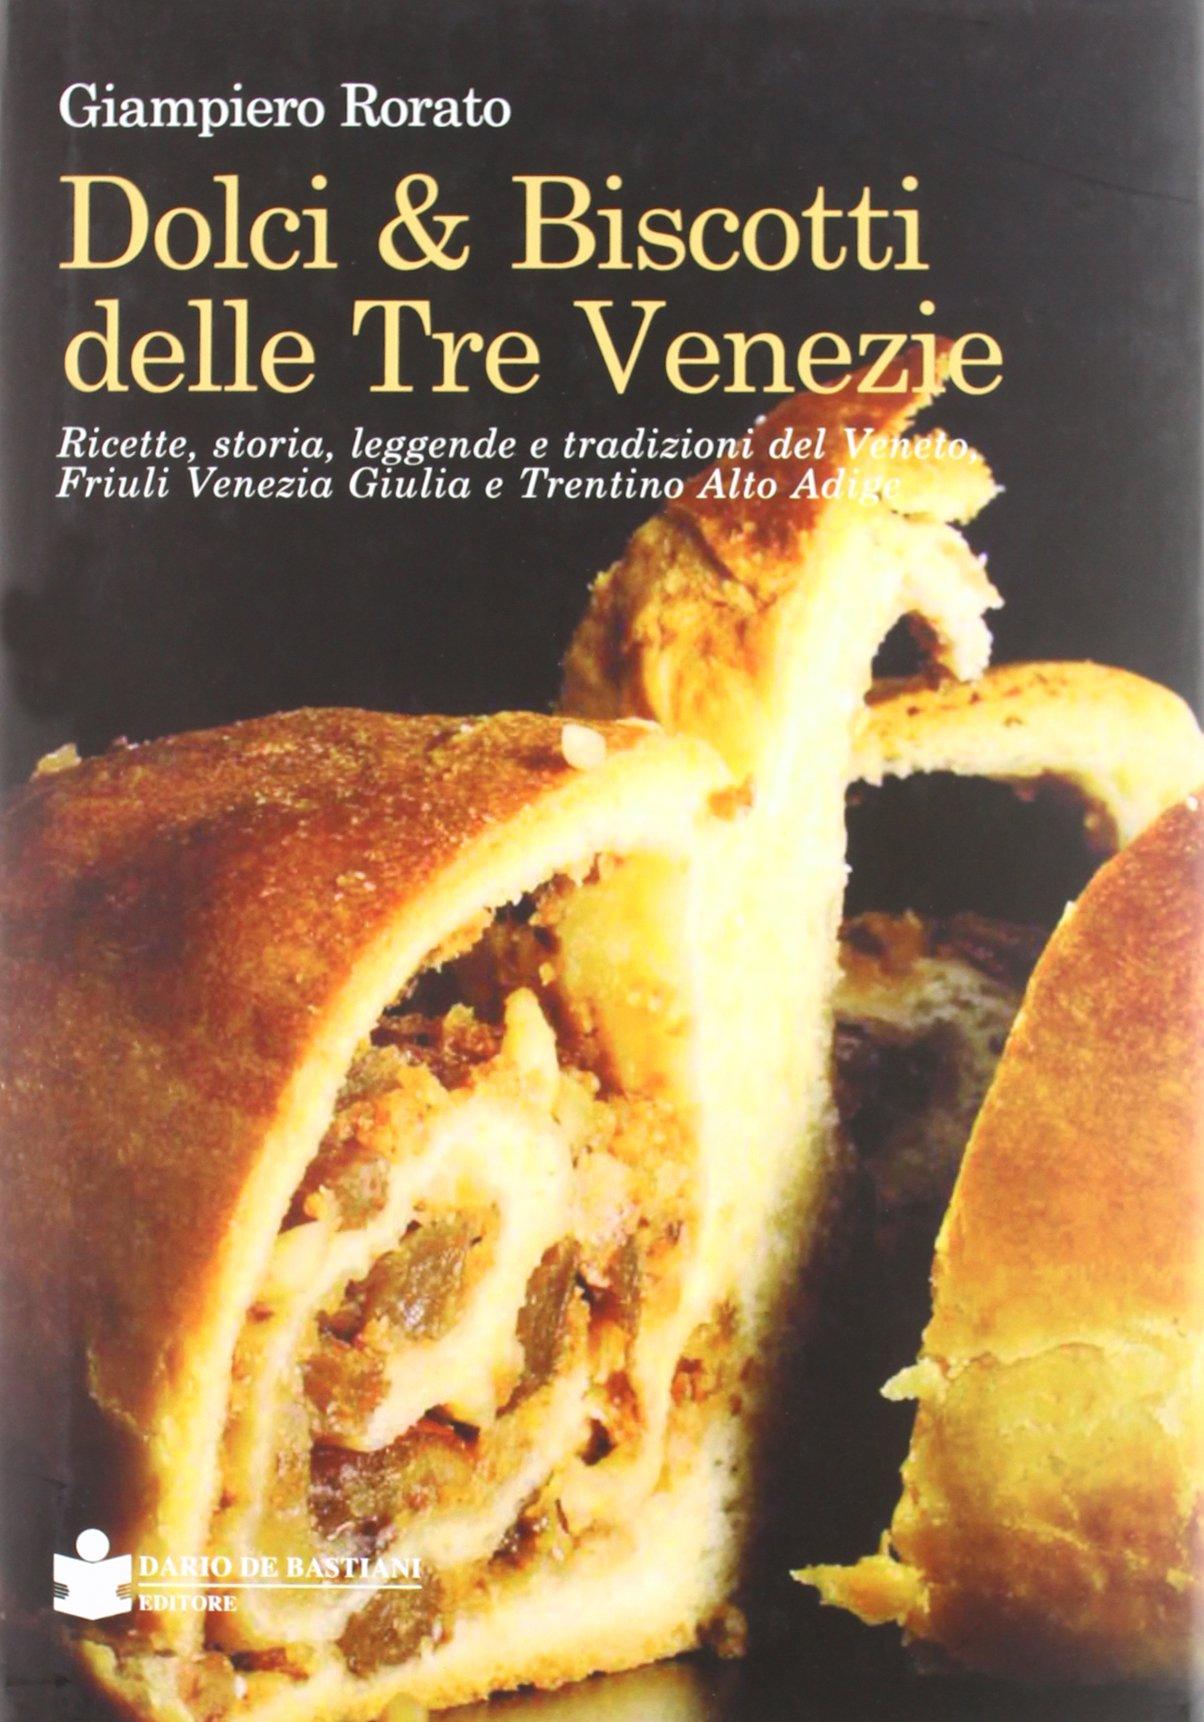 Dolci & biscotti delle tre venezie. Ricette, storia, leggende e tradizioni del Veneto, Friuli Venezia Giulia e Trentino Alto Adige.